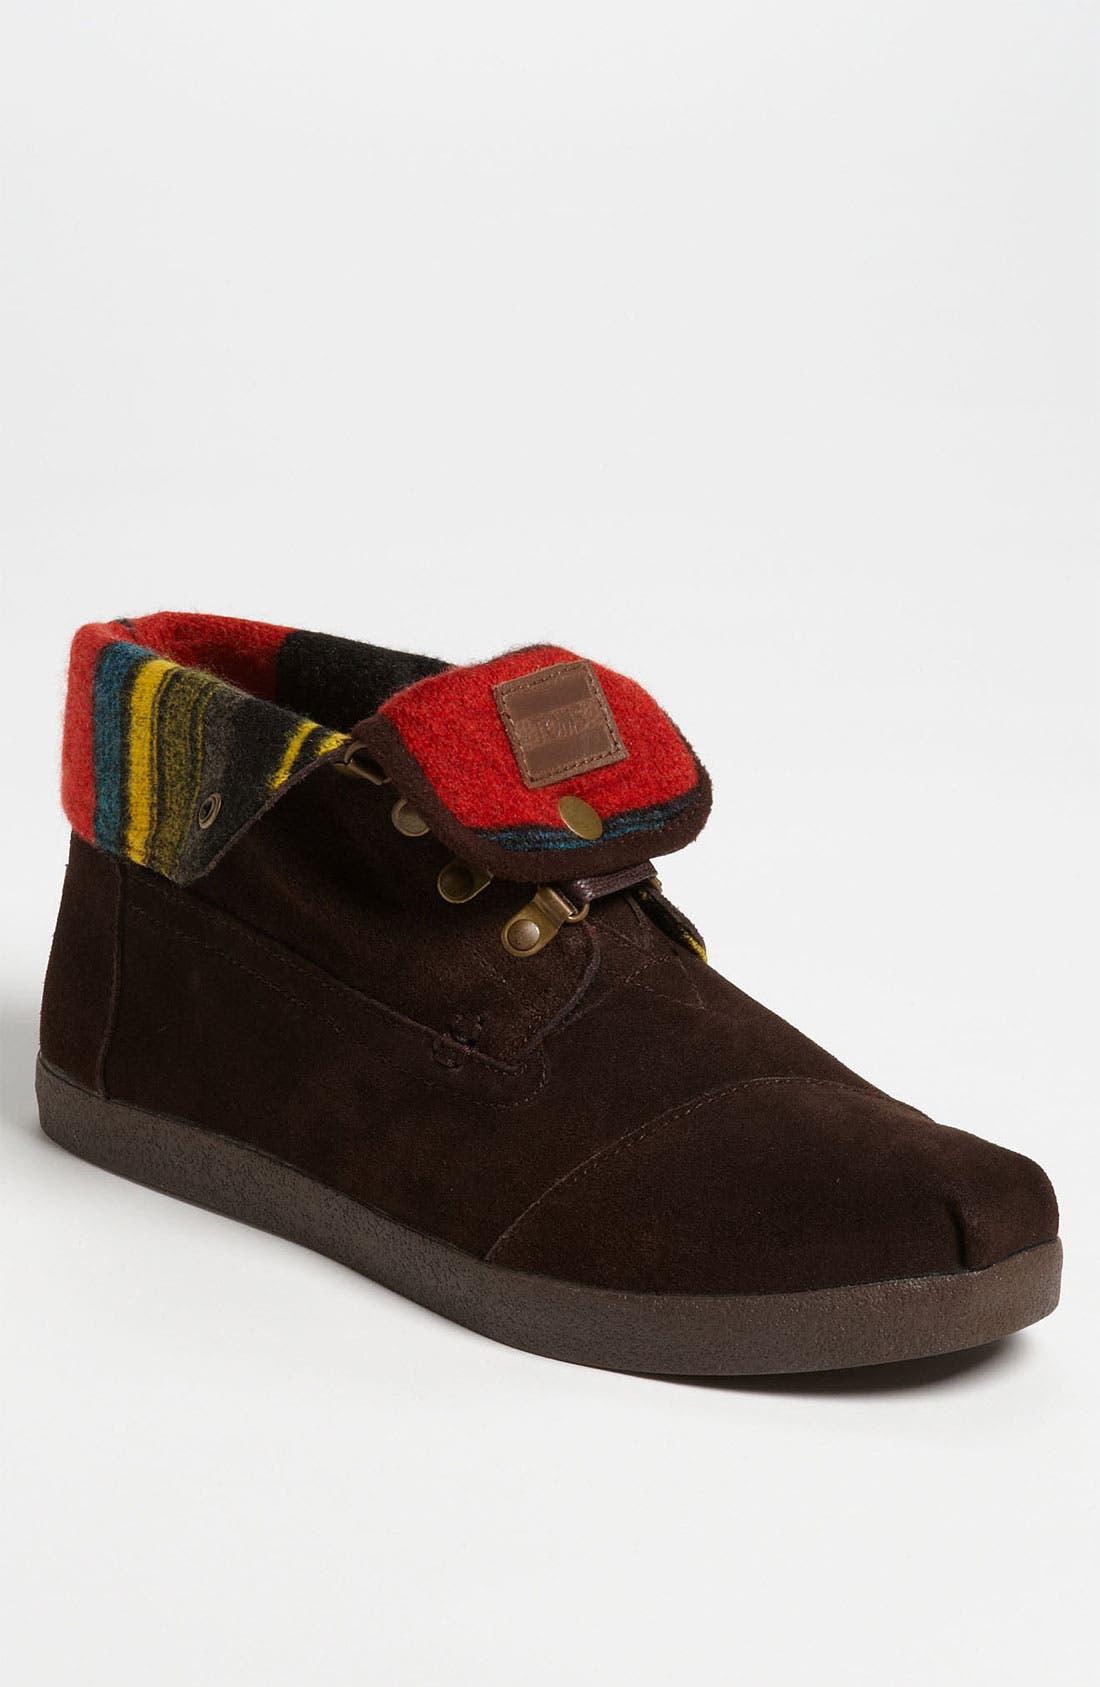 Alternate Image 1 Selected - TOMS 'Highlands' Suede Boot (Men)